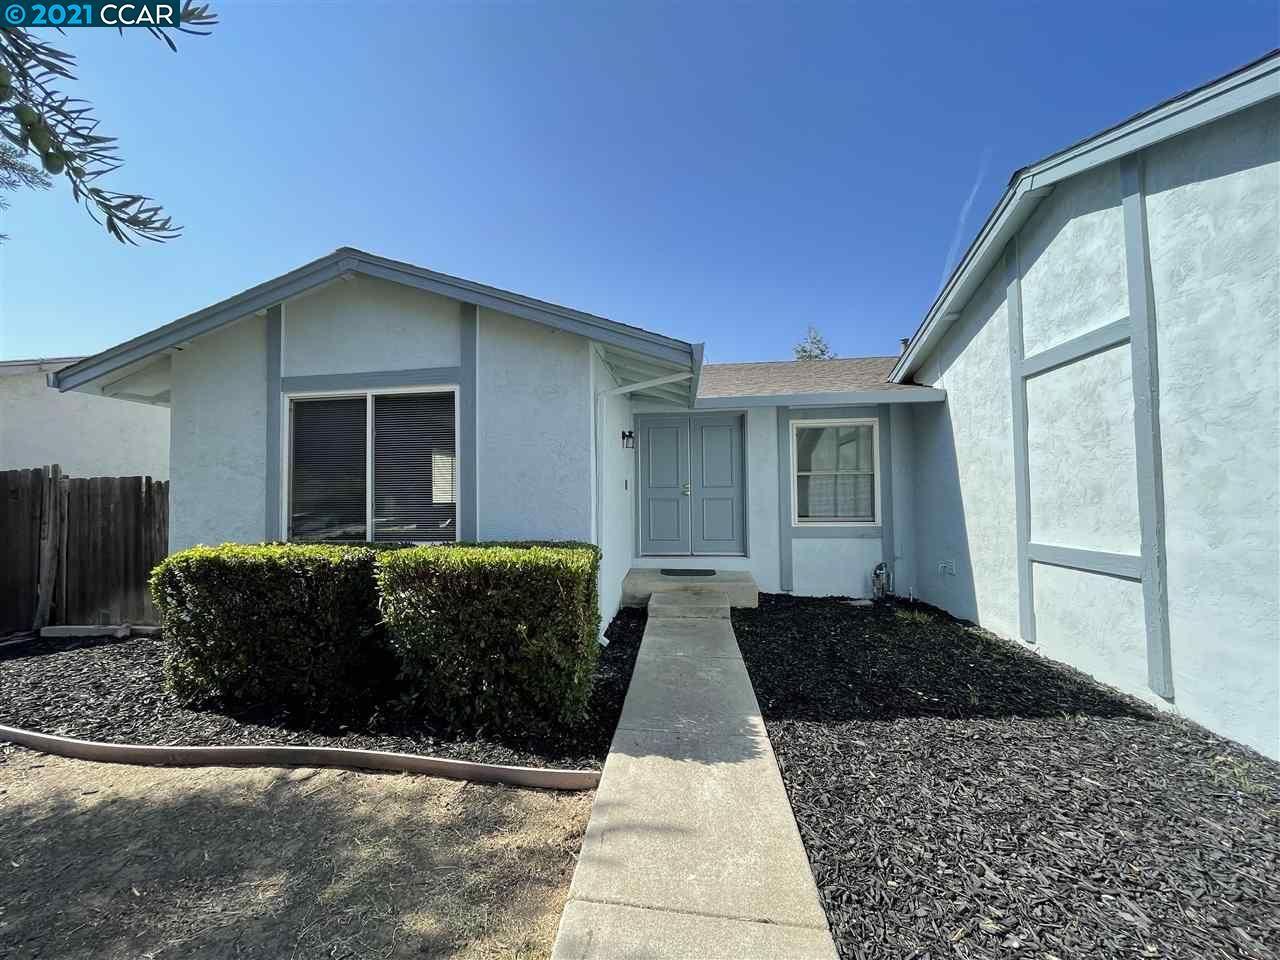 Photo of 1026 Putnam Street, ANTIOCH, CA 94509 (MLS # 40961250)